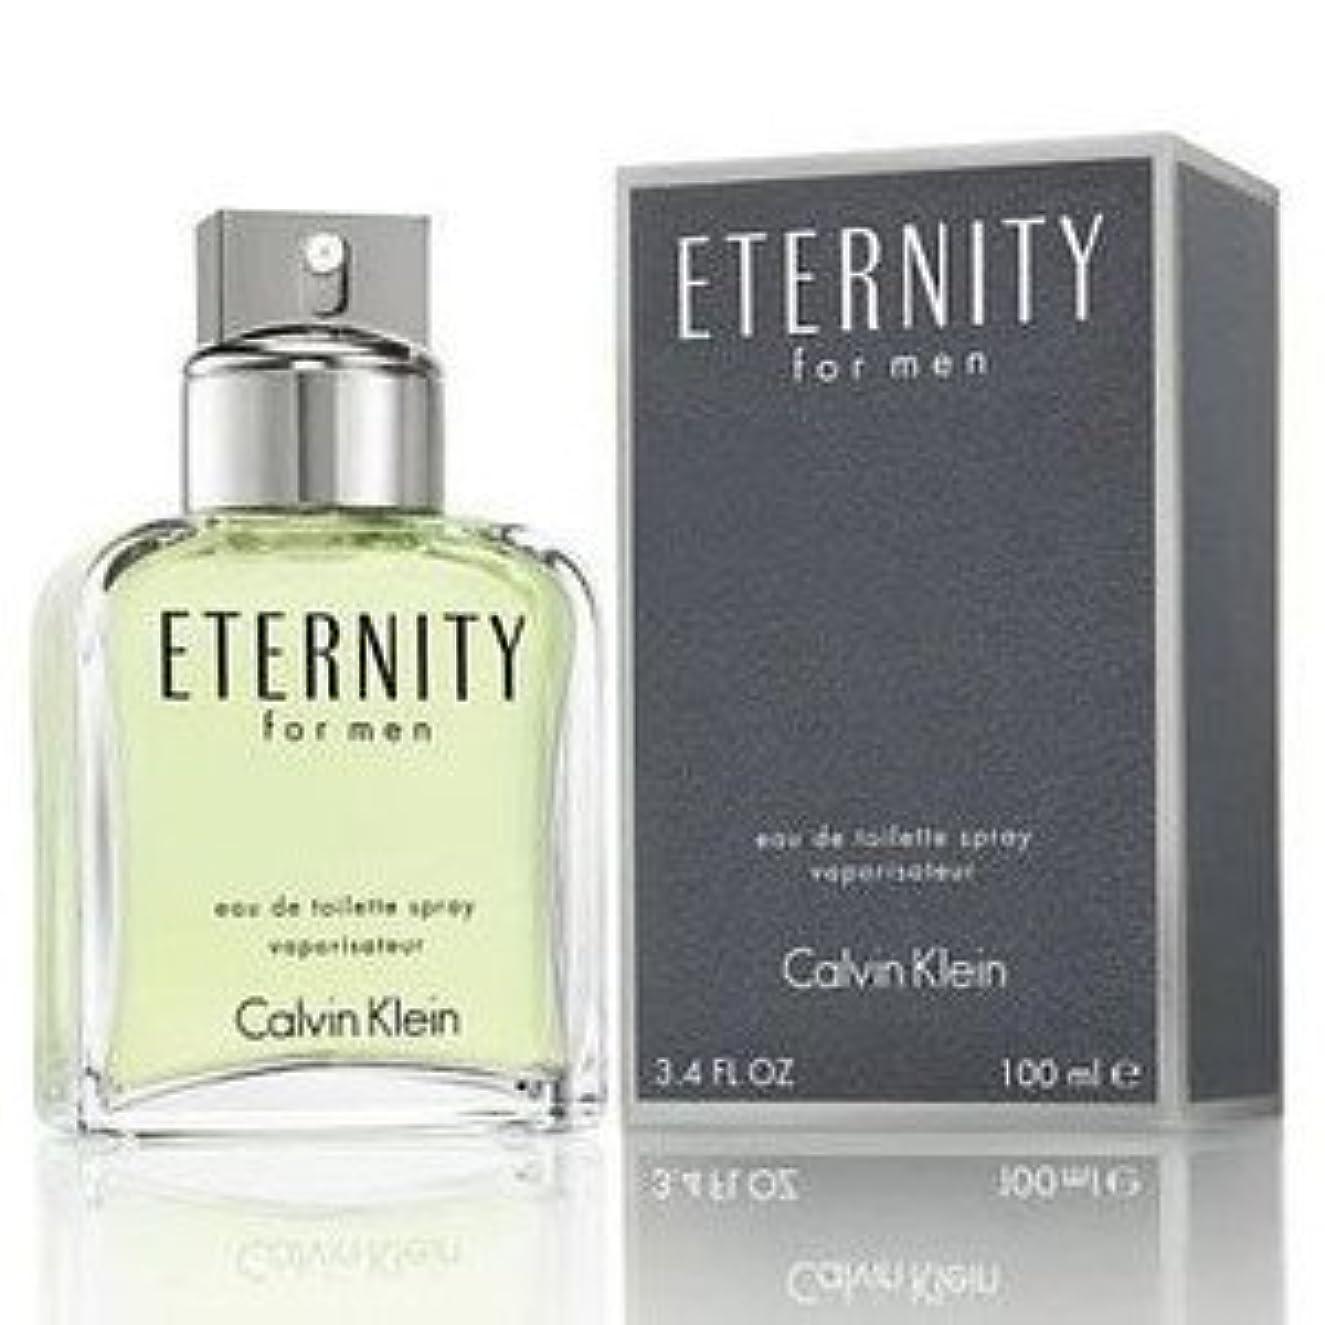 休日容器航空【CALVIN KLEIN (カルバン クライン)】 ETERNITY FOR MEN エタニティ フォーメン 100ml EDT SP 香水